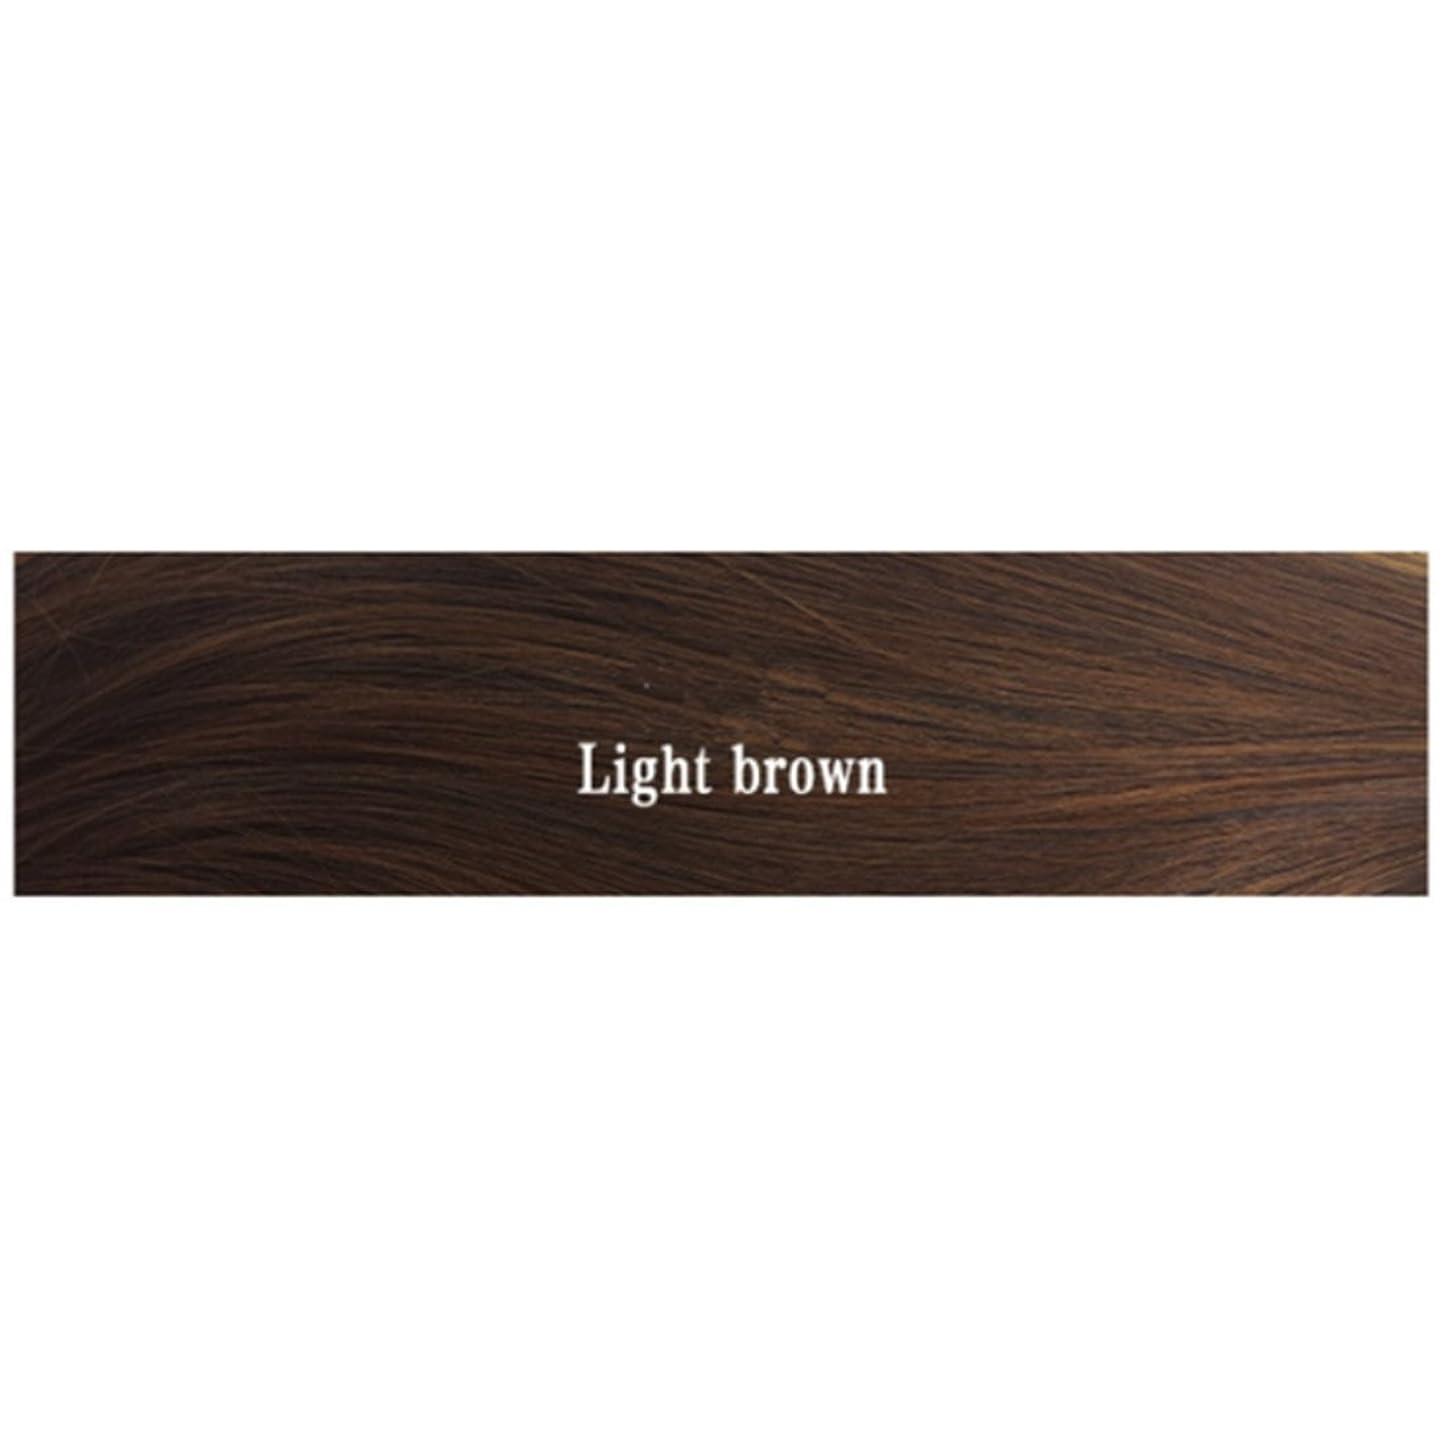 セットする許容すべてJIANFU 女性 耐熱性 28inch 長い ウィッグ 220g(ブラック/ダークブラウン/ライト ブラウン) (Color : Light brown)